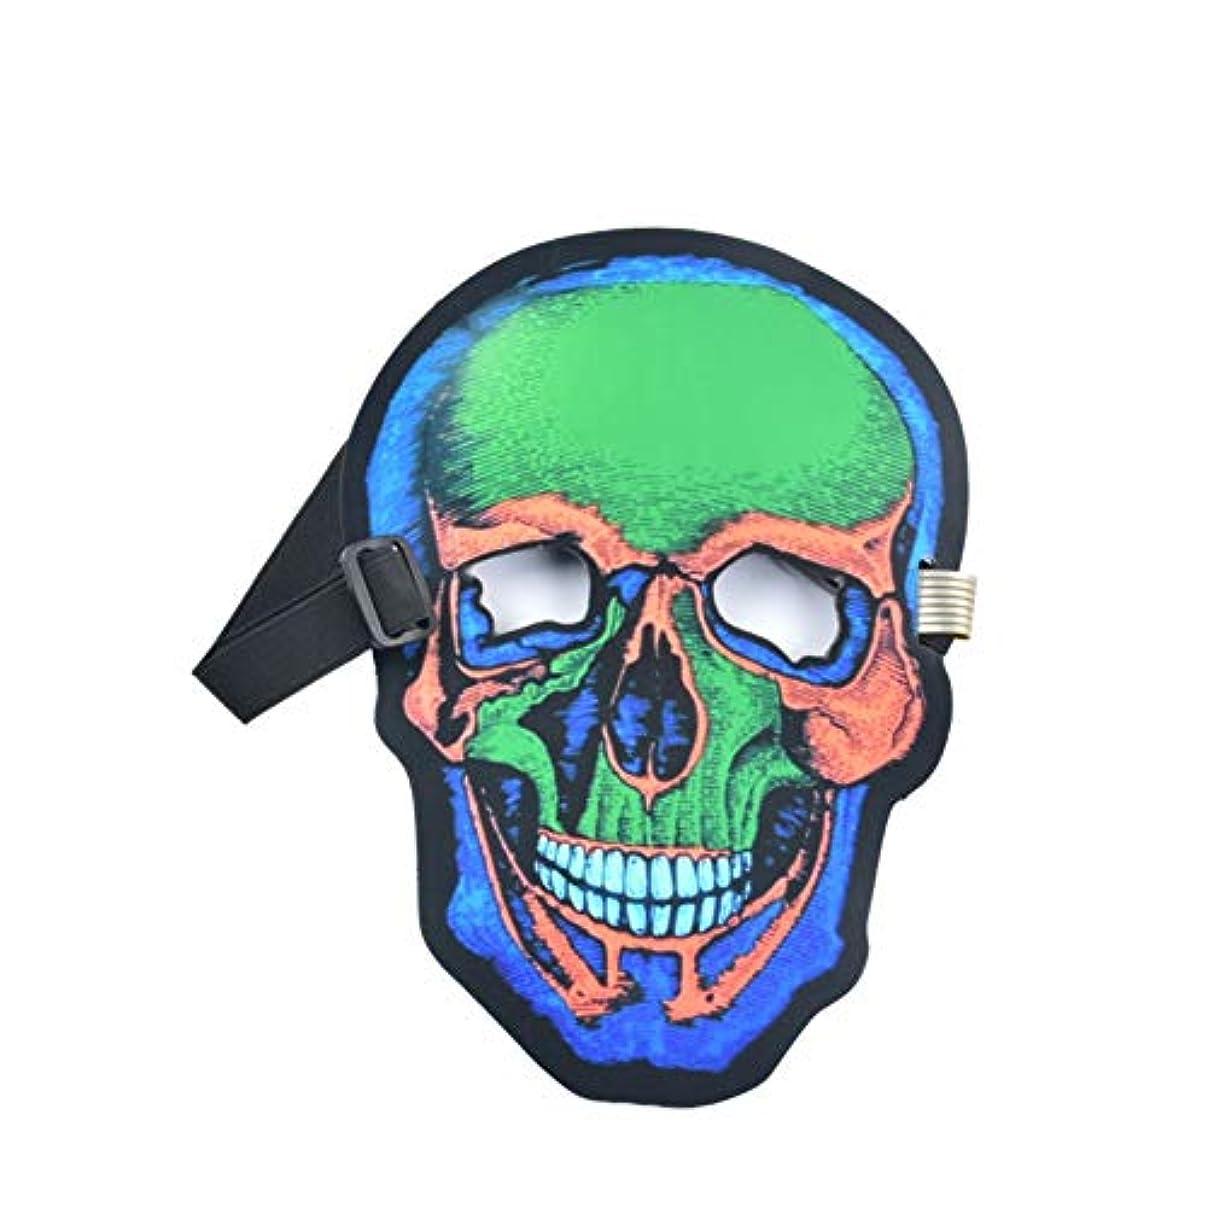 アクロバット人質凍るEsolom ハロウィンドレスアップ どくろ頭 音声制御マスク 音作動LED照明マスク ウサギのデザイン ハロウィンマスク DJミュージックマスク